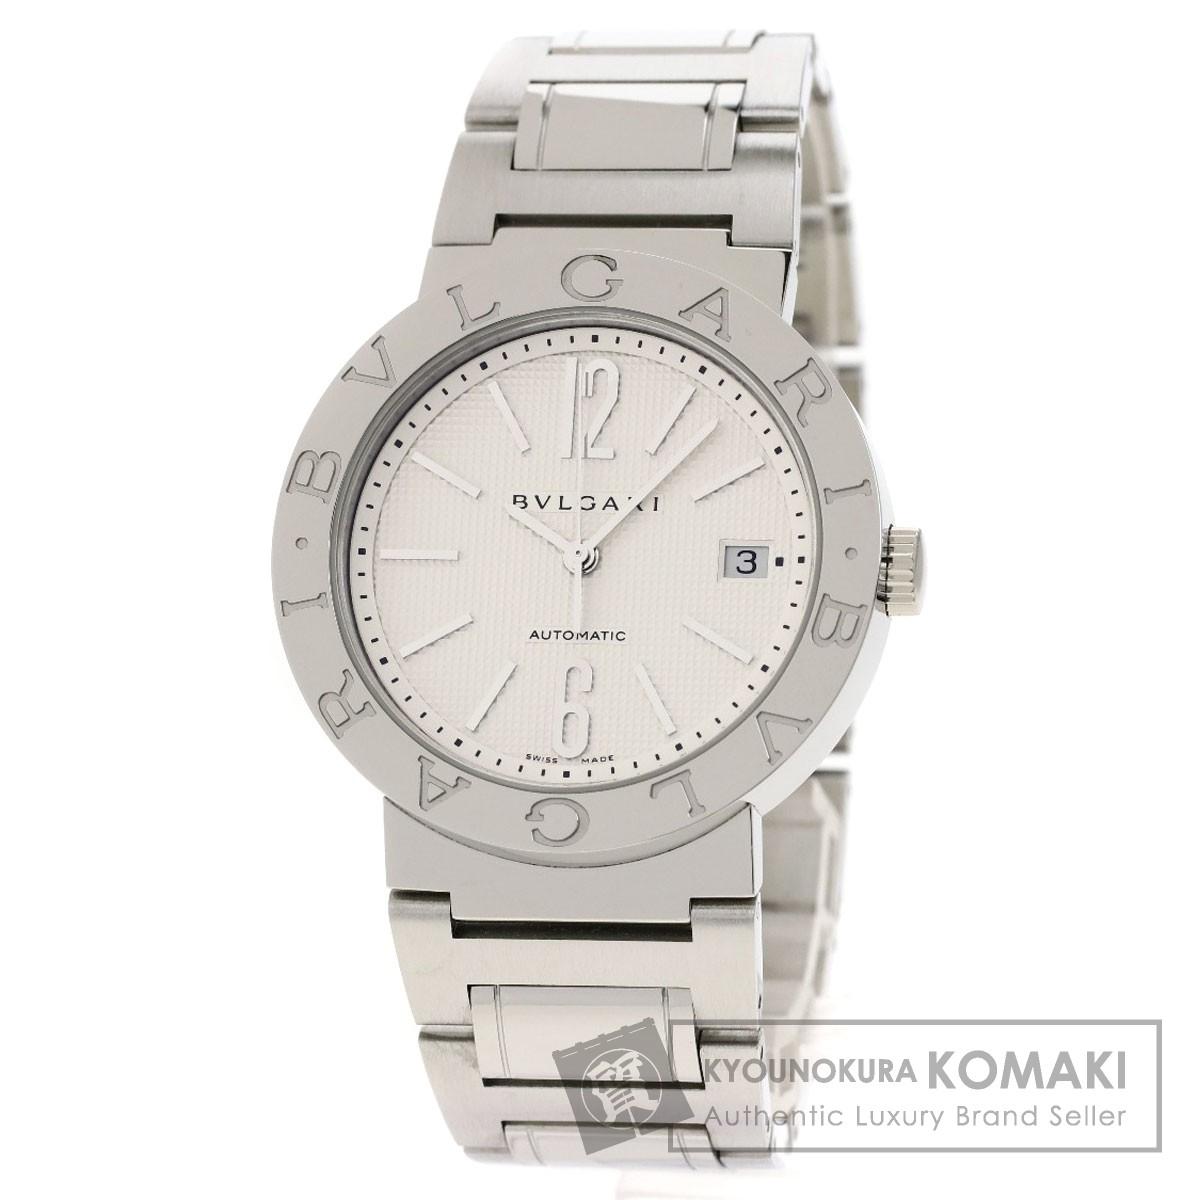 ブルガリ BB38WSSD/N ブルガリブルガリ 腕時計 ステンレススチール/SS メンズ 【中古】【BVLGARI】